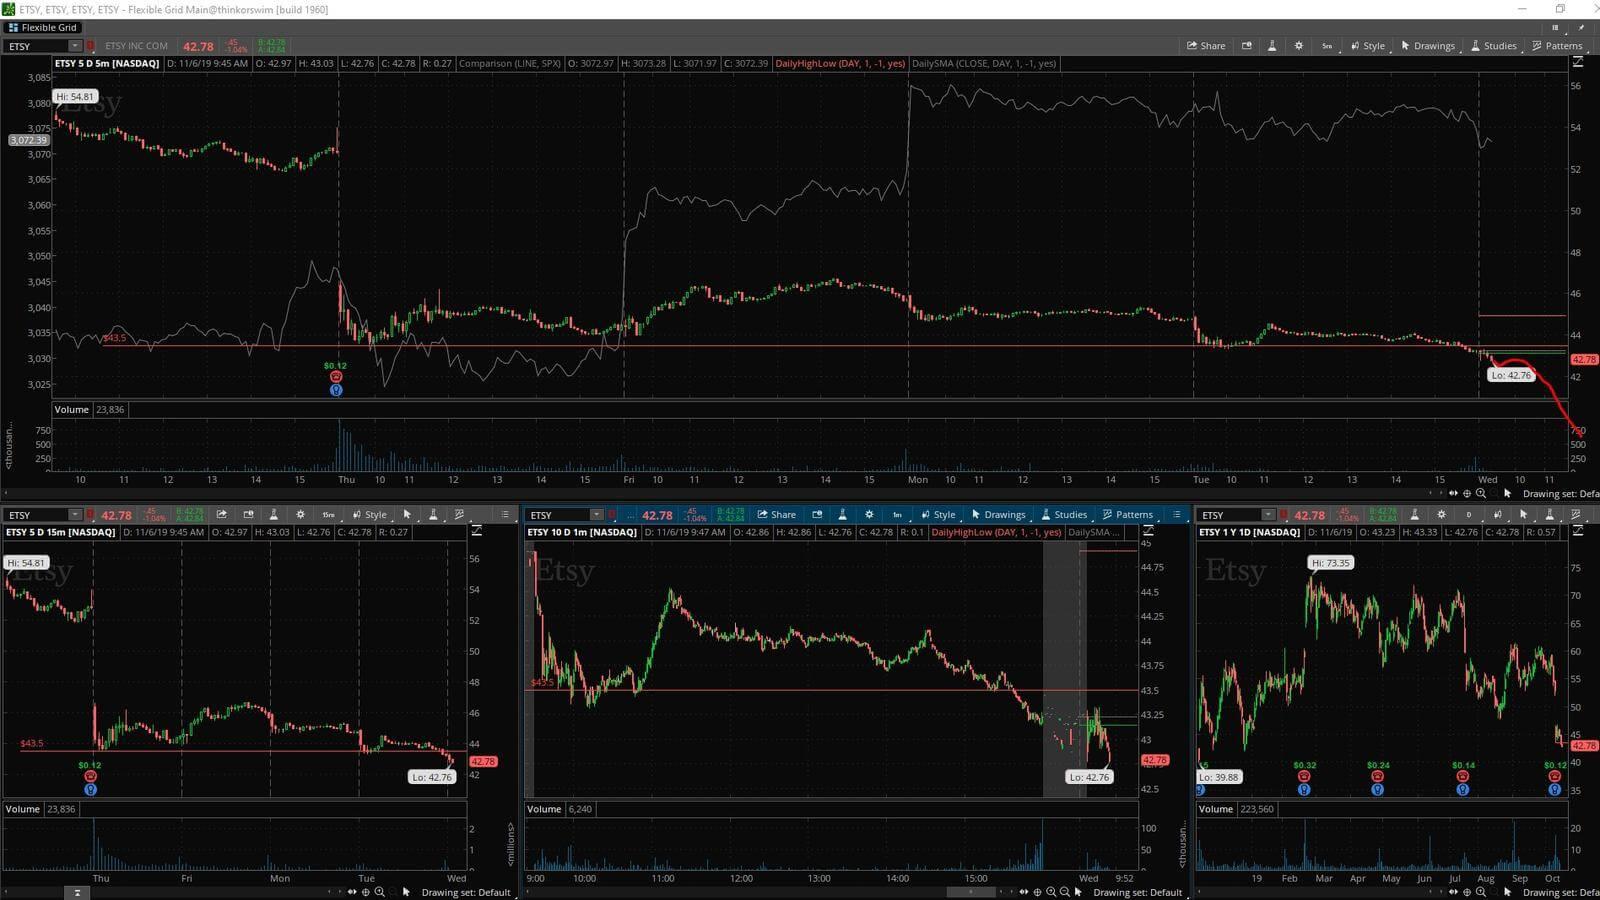 ETSY - график акции на фондовой бирже